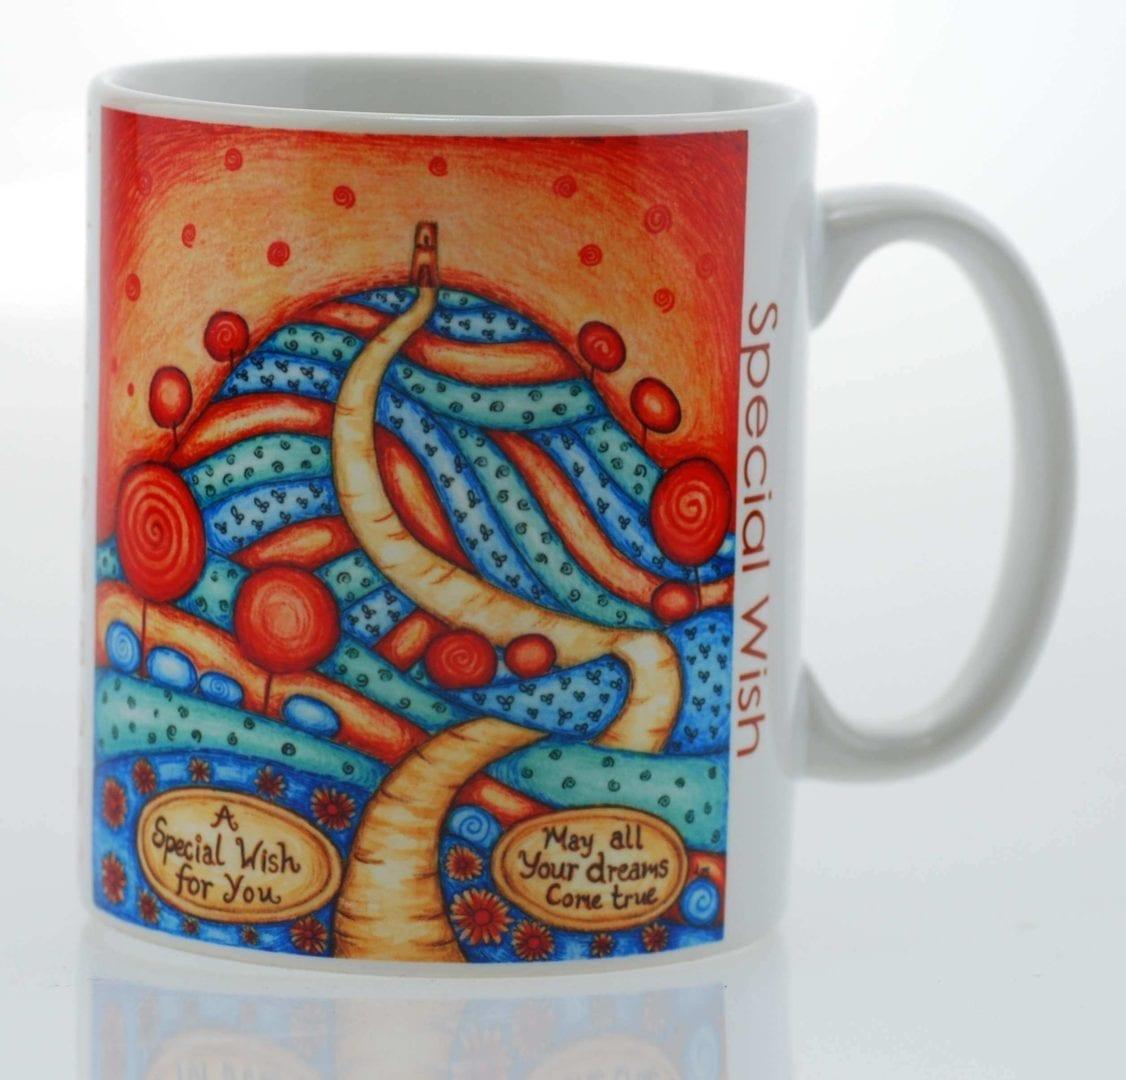 A Special Wish Mug